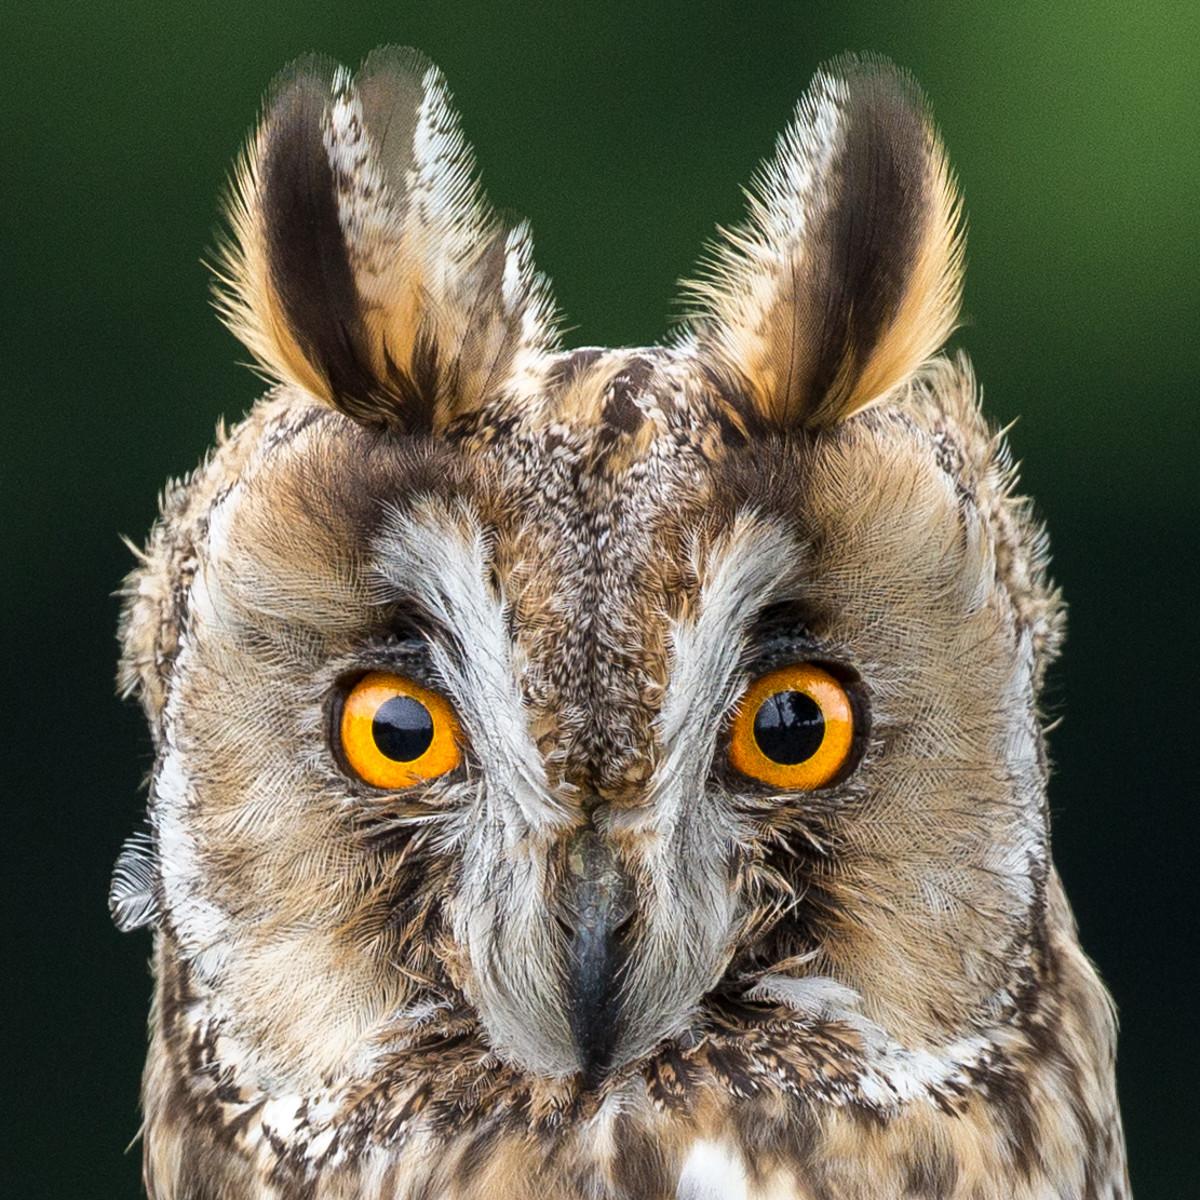 PDI - Long Eared Owl by Nigel Bell (12 marks)